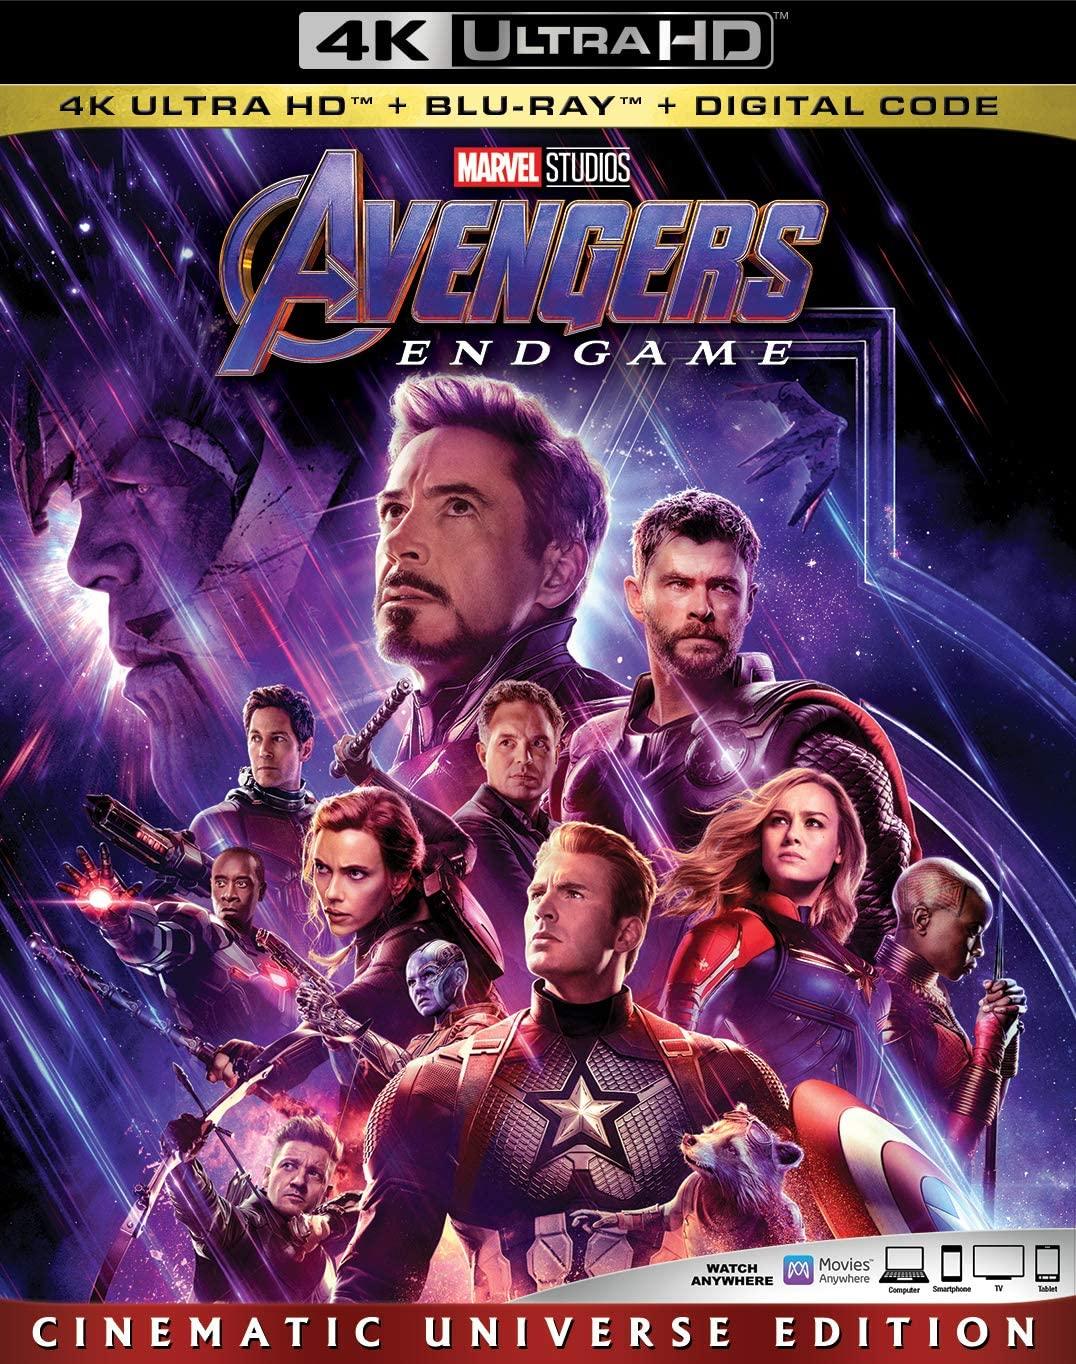 Avengers: Endgame Blu-ray 4K